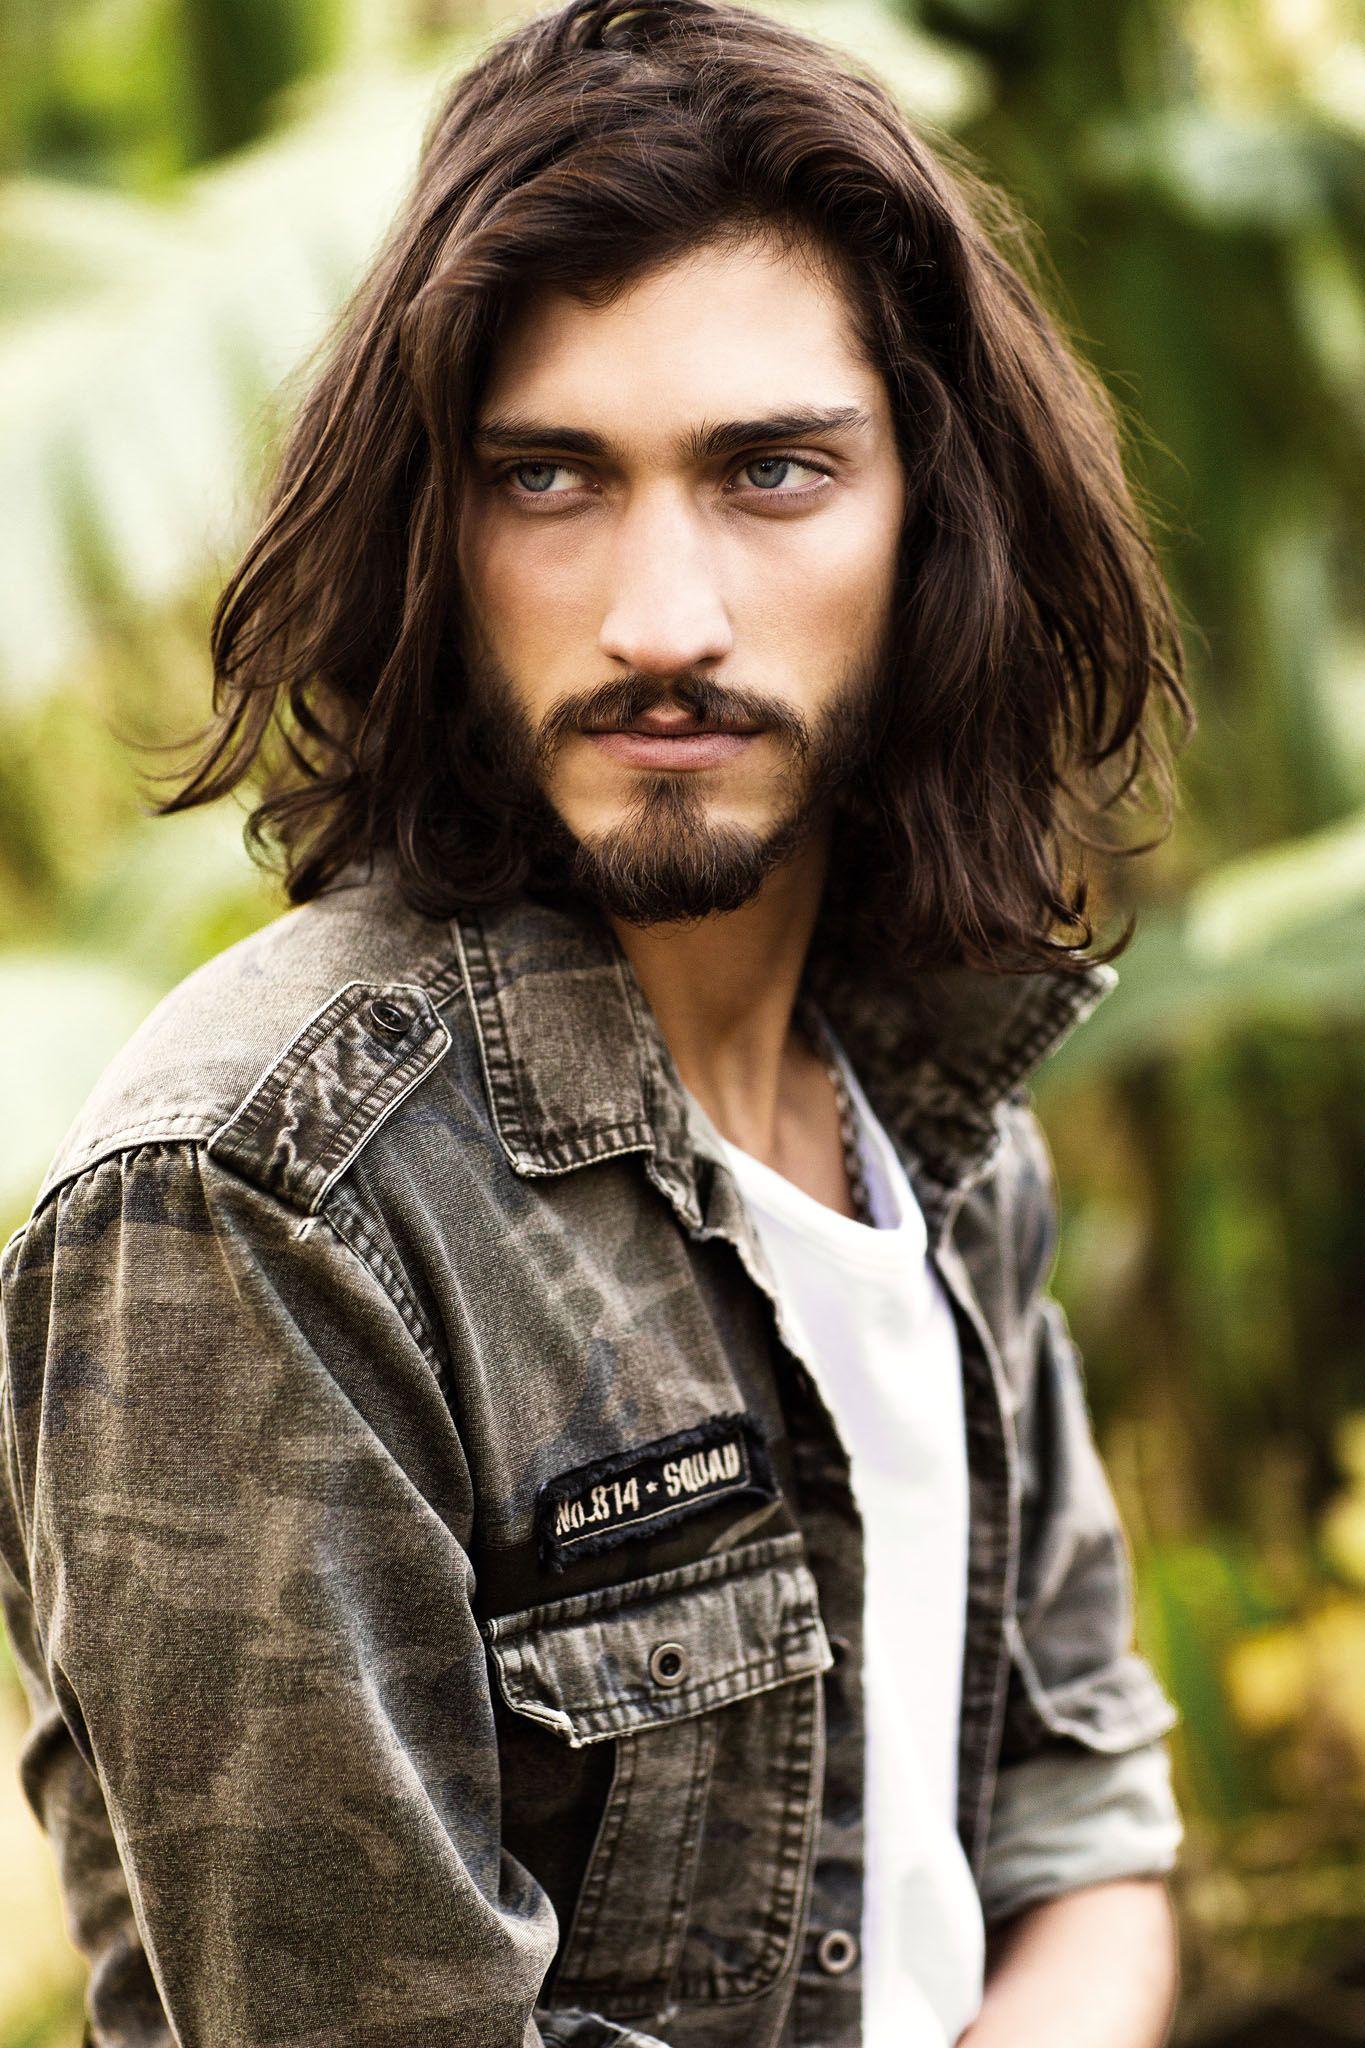 Haircuts for long hair mens campaña primavera verano   faces  beards etc  pinterest